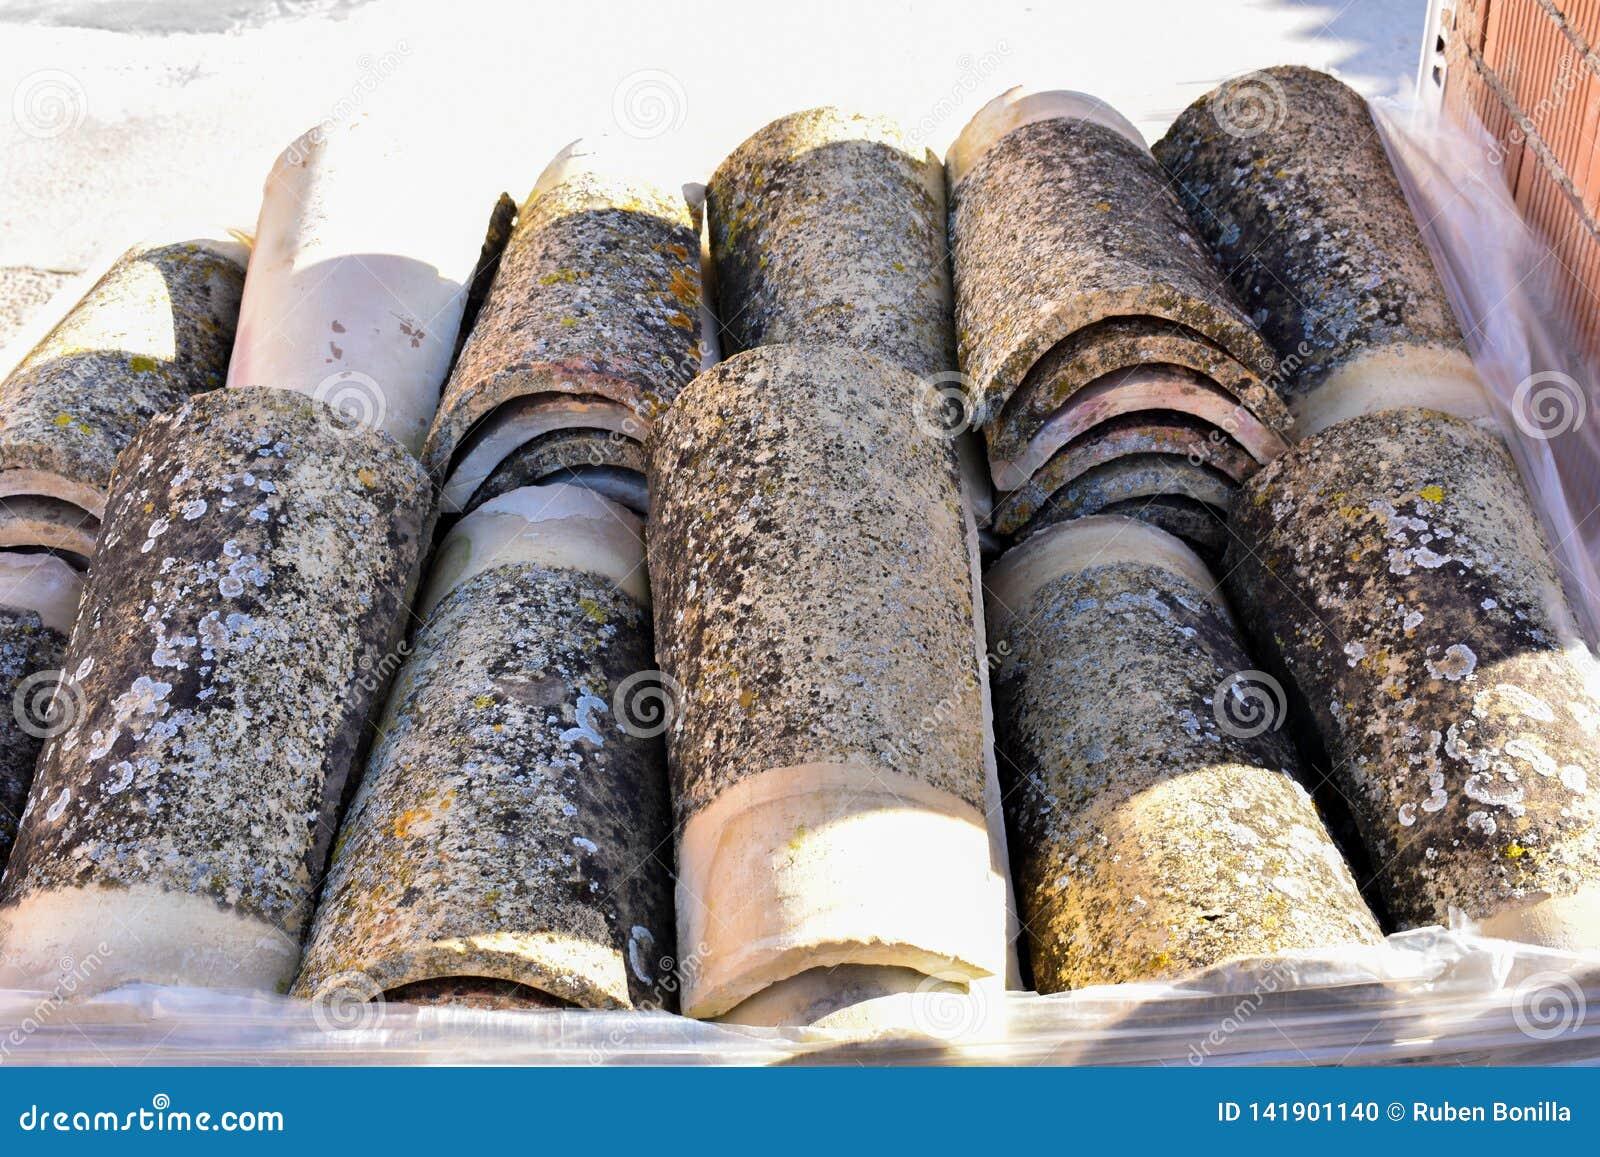 Pilas de tejas de tejado viejas en muchas filas con diverso número en cualquier columna Las tejas antiguas se manchan con polvo y